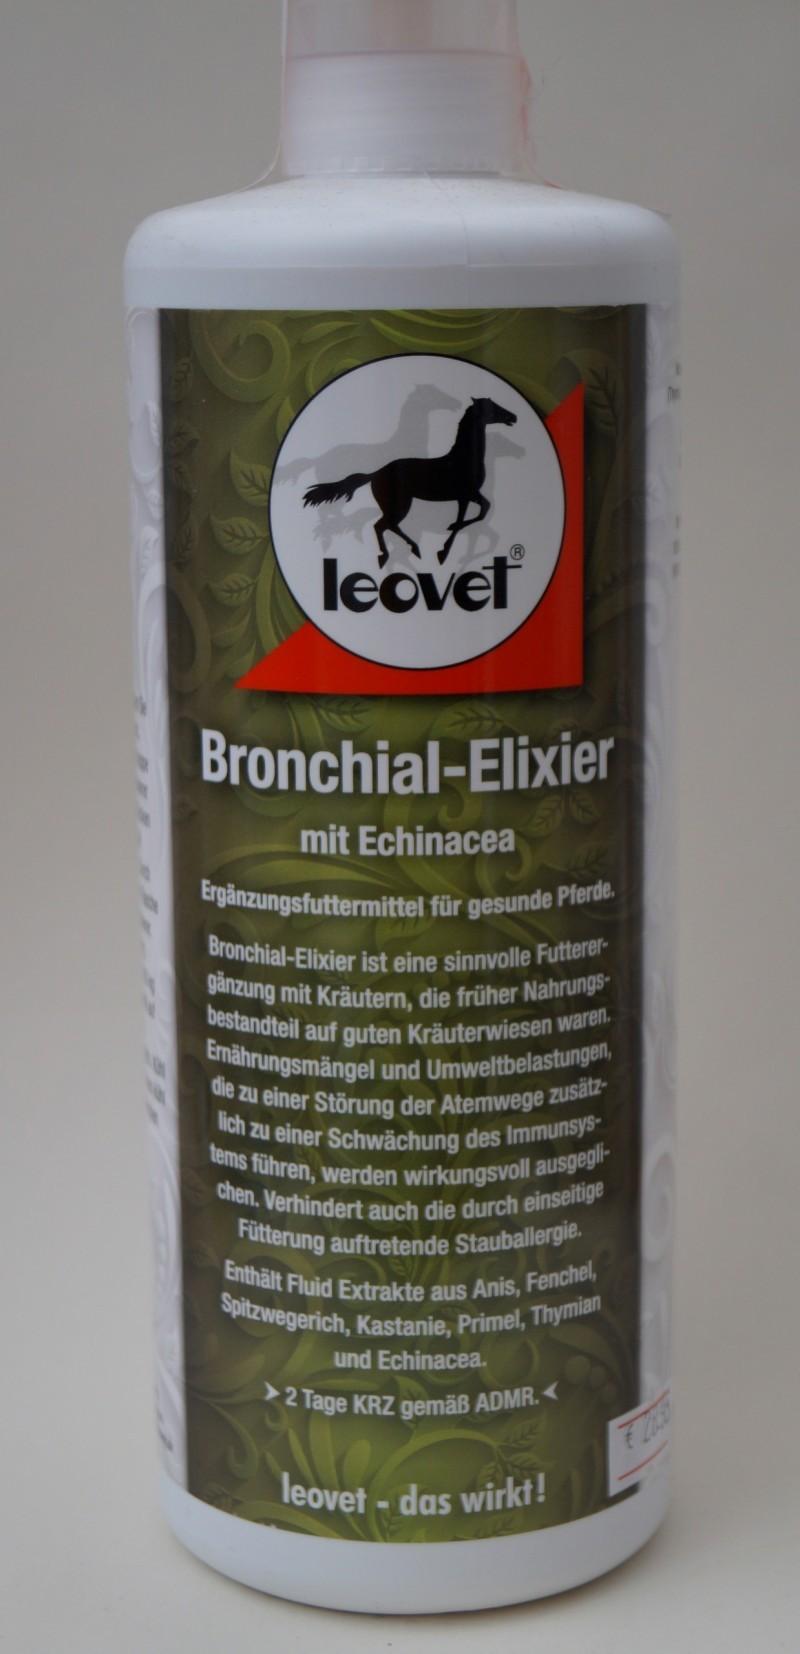 Leovet Bronchial-Elixier 1